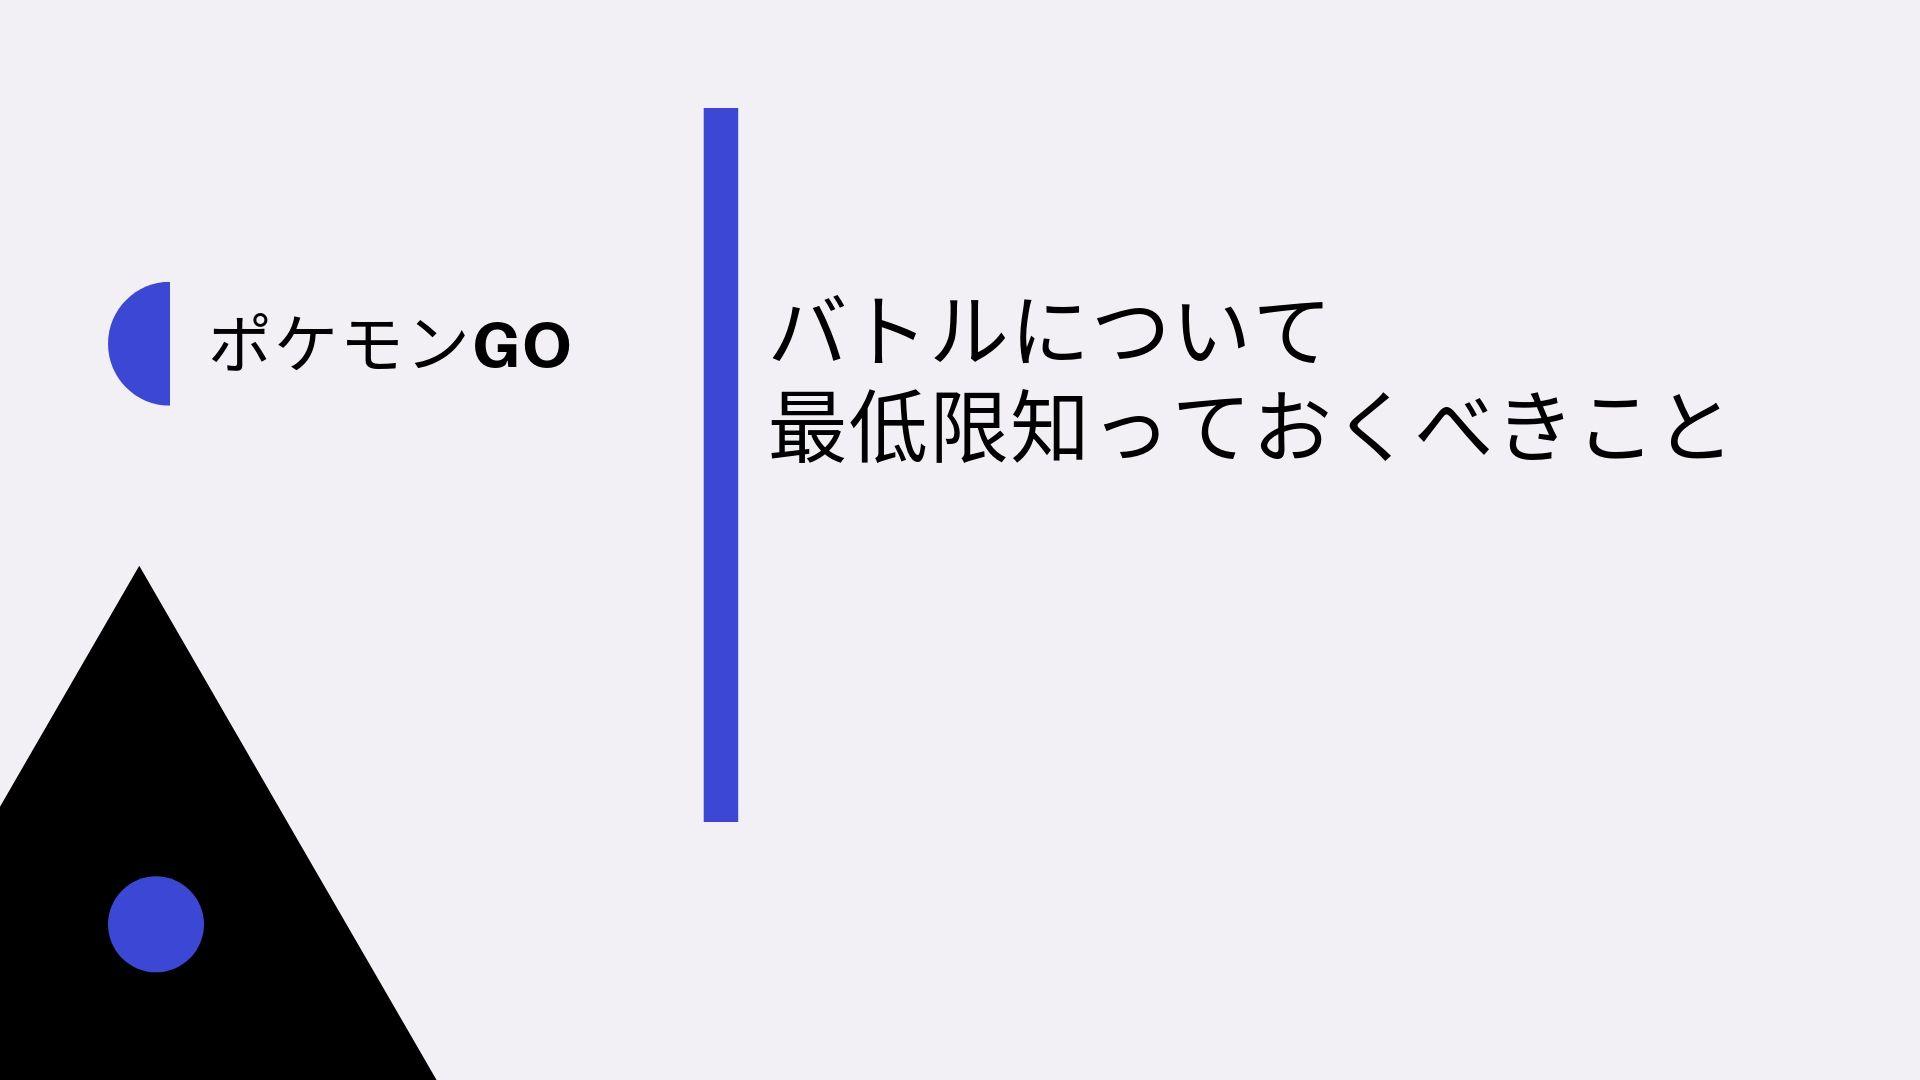 ポケモン記事のアイキャッチ画像